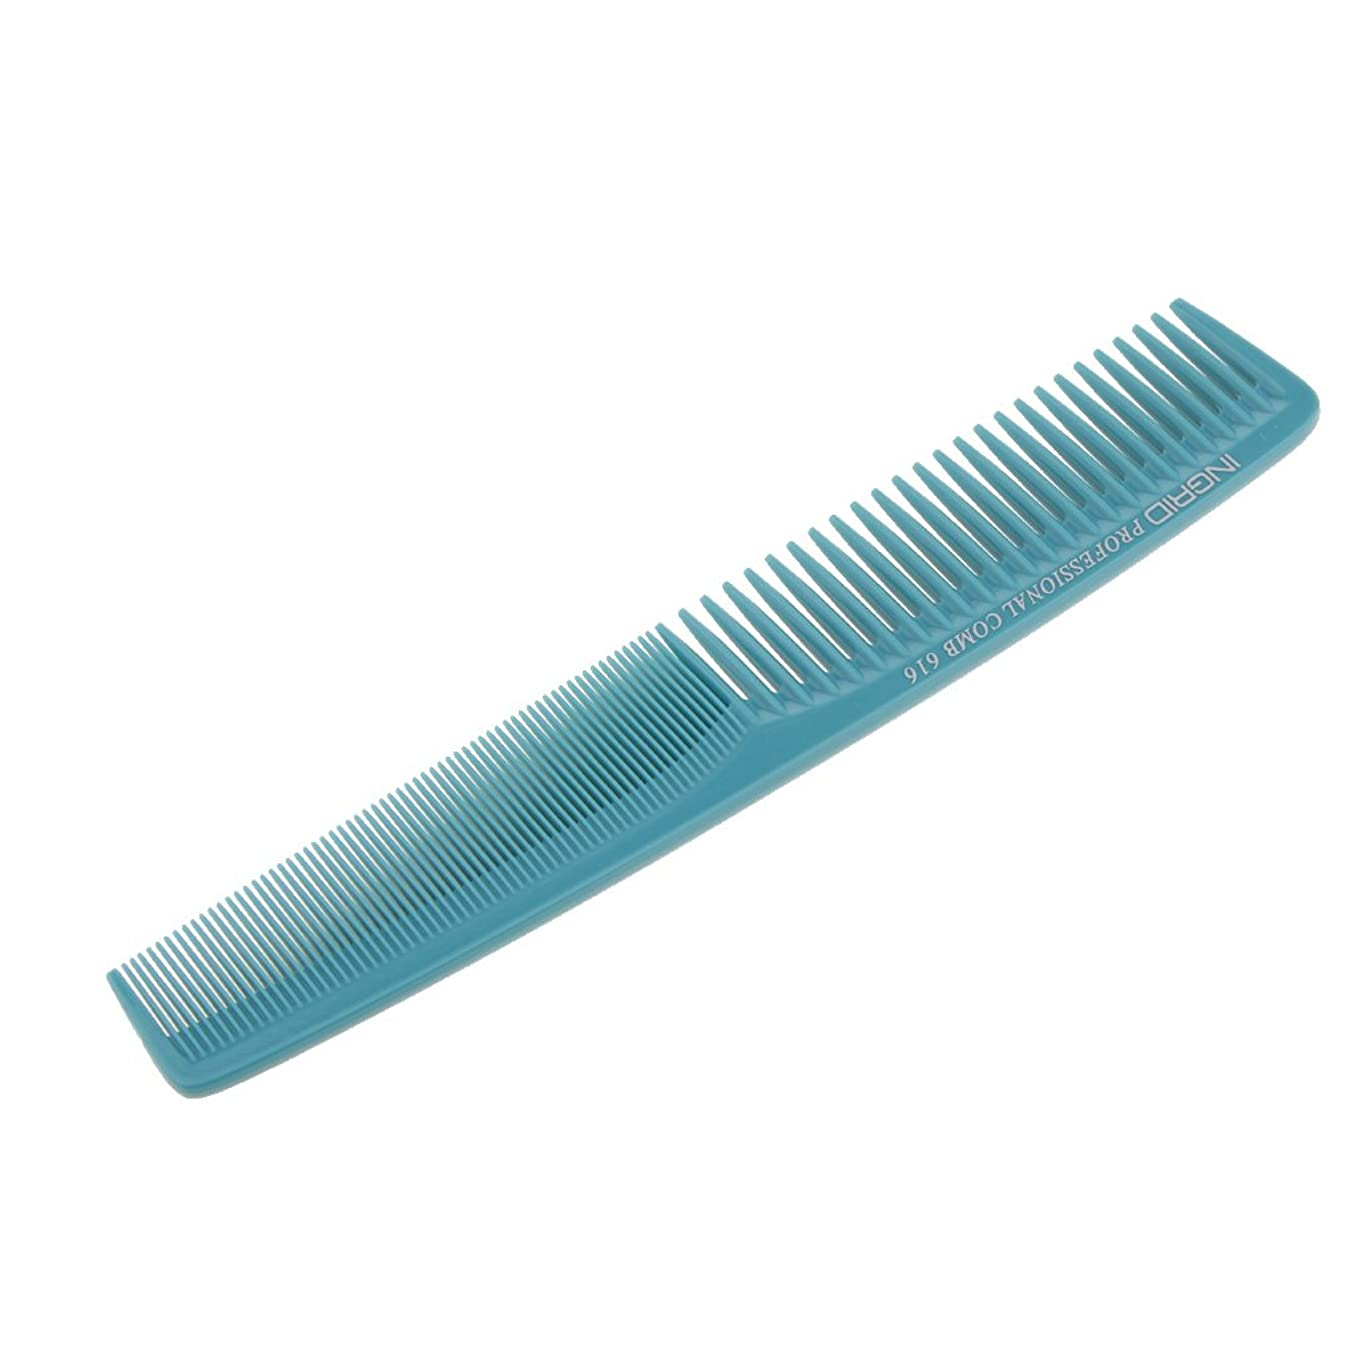 写真の苦しみサイレンHomyl ヘアカットコーム 櫛 コーム 理髪店 静電気防止 全5色  - ライトブルー